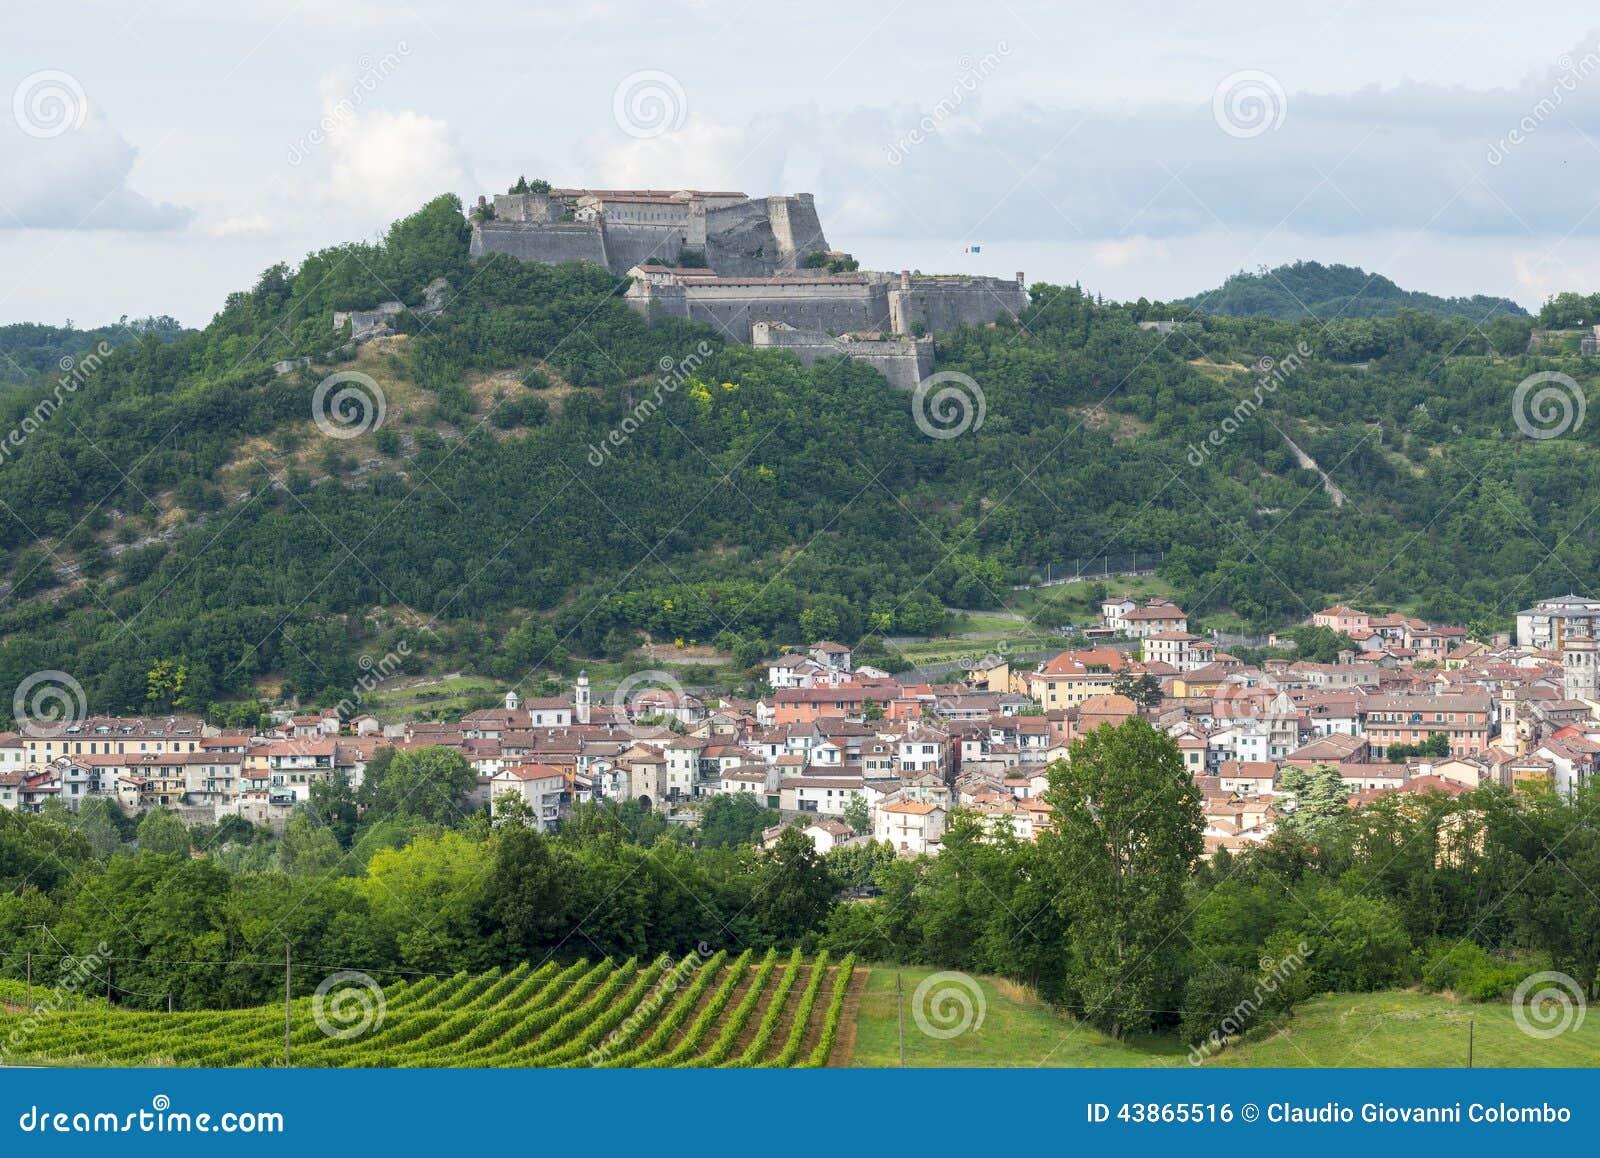 Gavi Italy  City pictures : Gavi Alessandria, Piemonte, Italia , vista panoramica con la fortezza ...